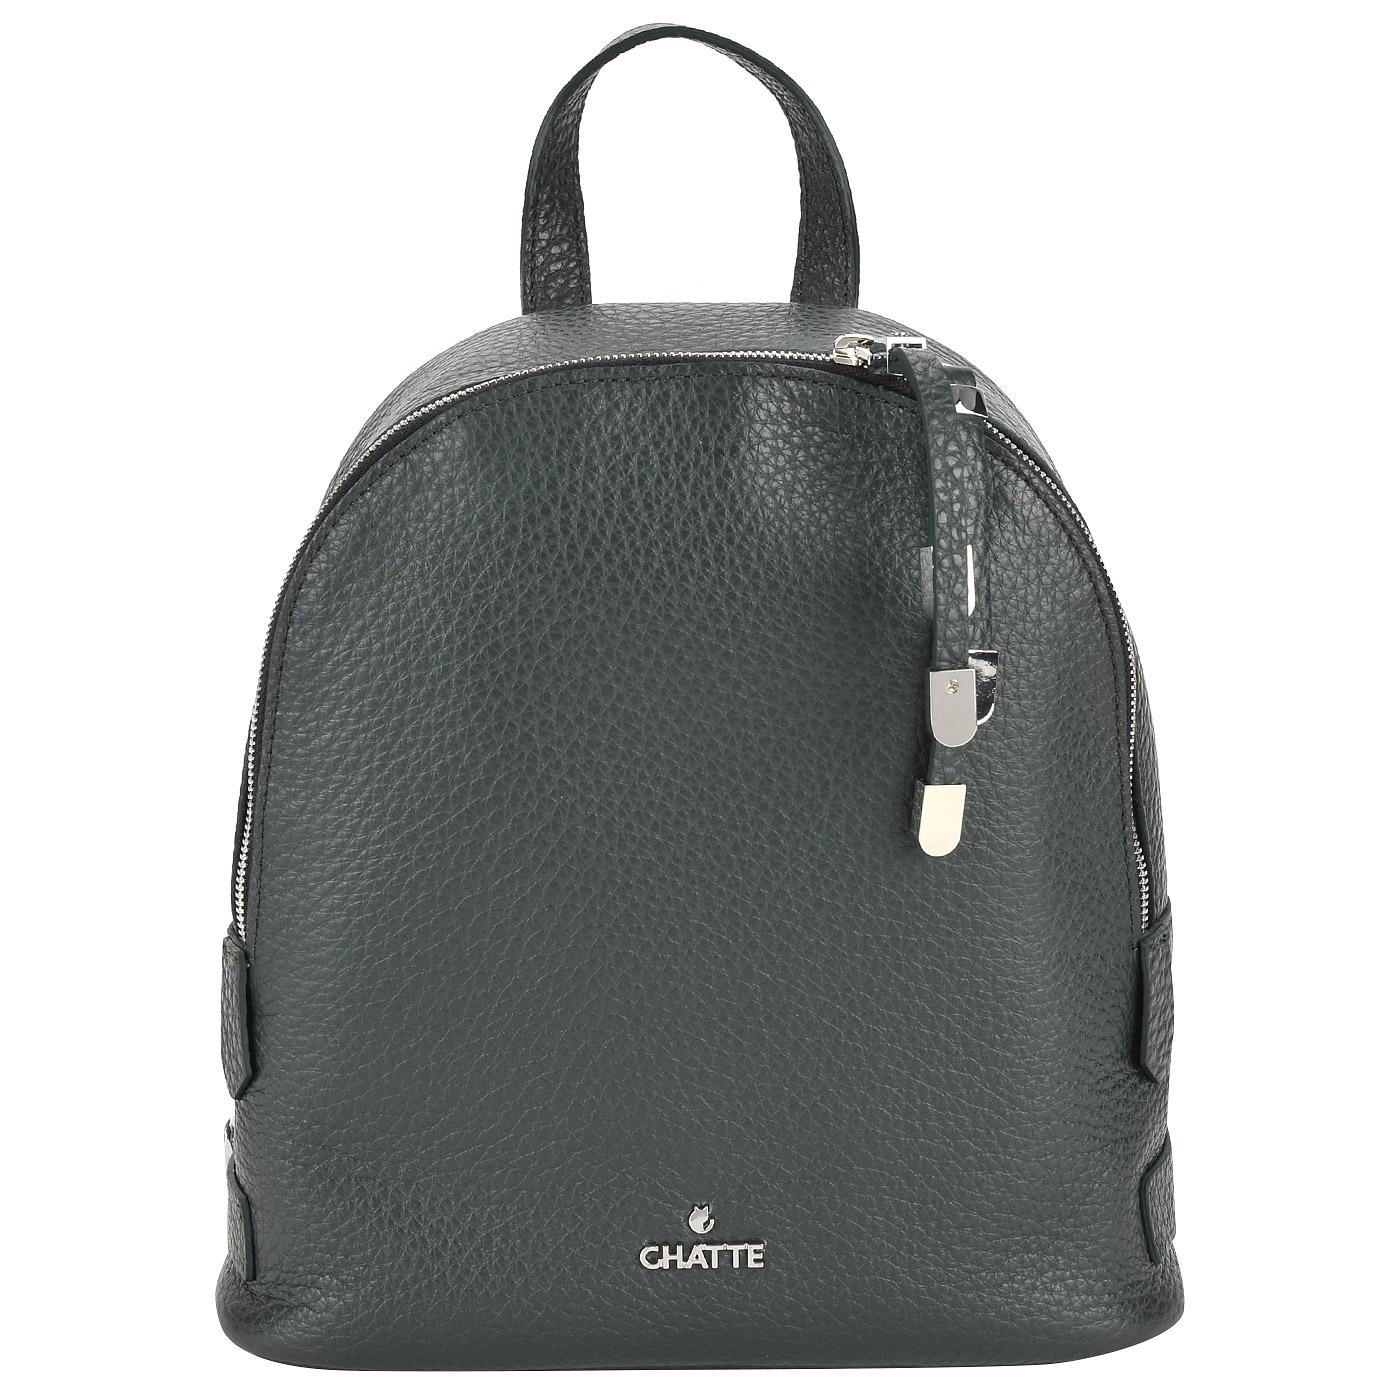 b77047e993f2 Женский кожаный рюкзак Chatte DB9214_verde - 2000557779952 зеленый ...